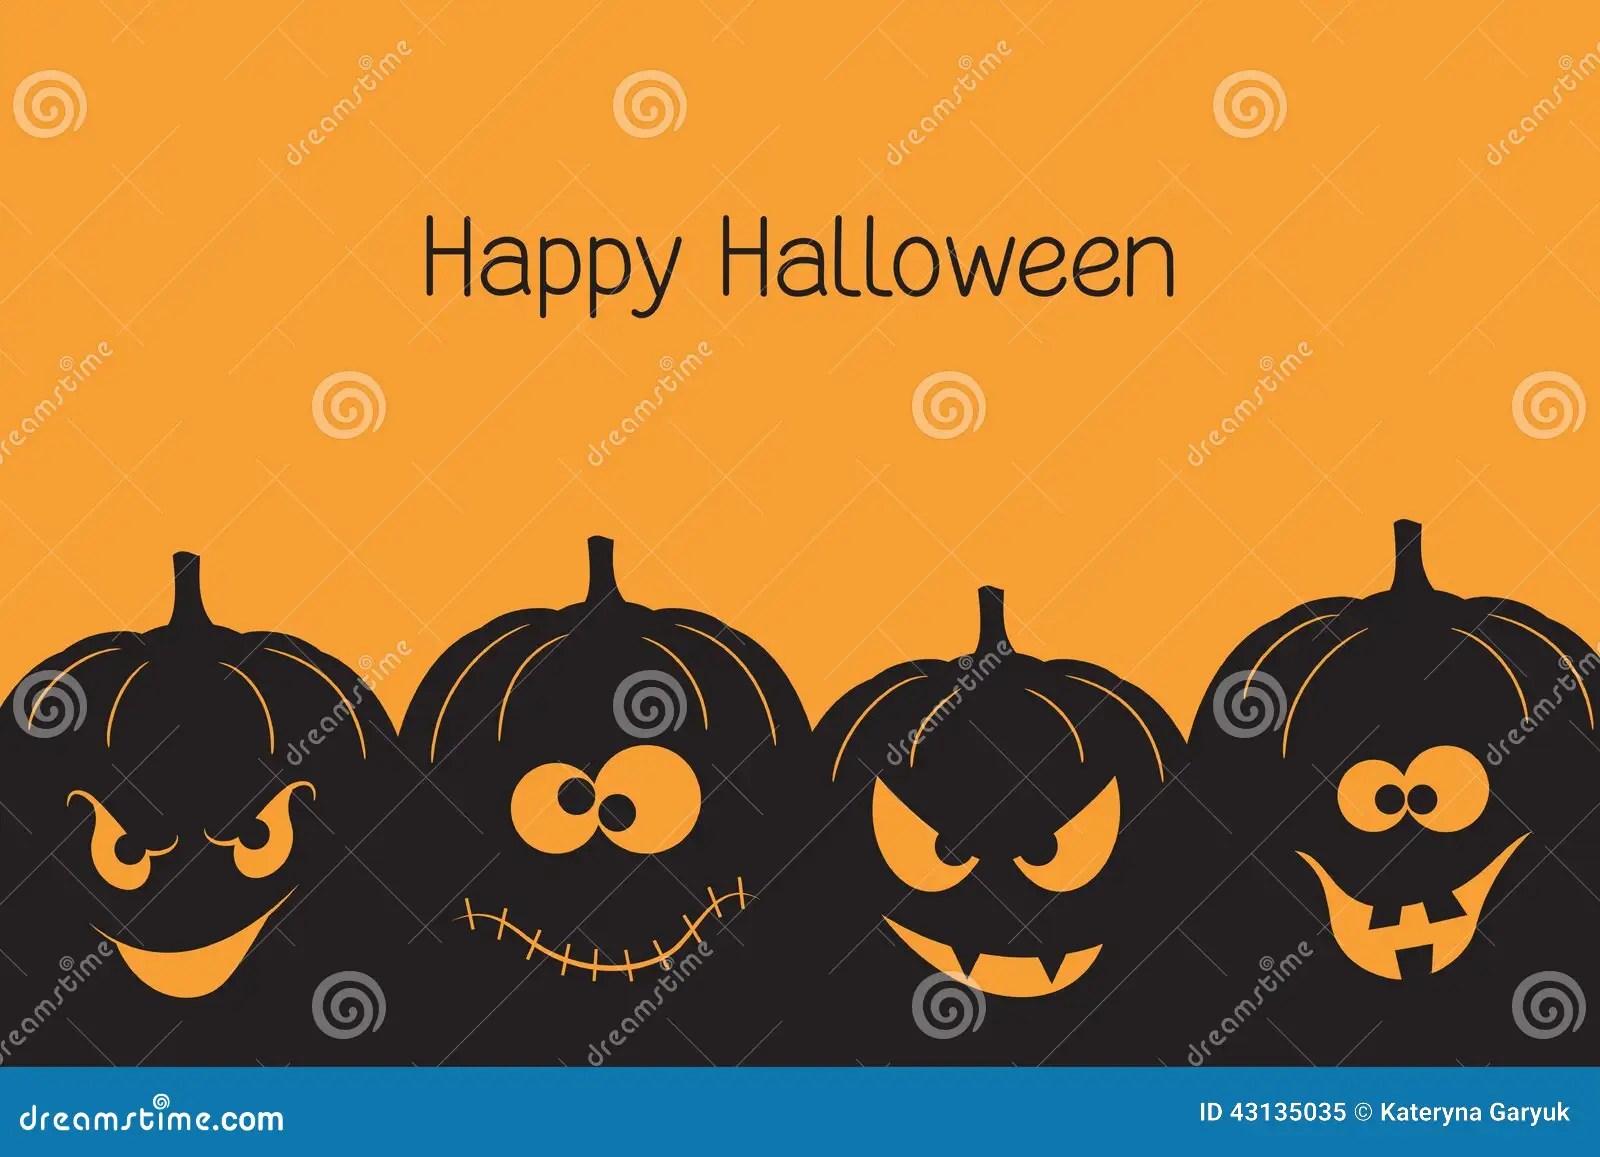 Halloween Pumpkins Stock Vector